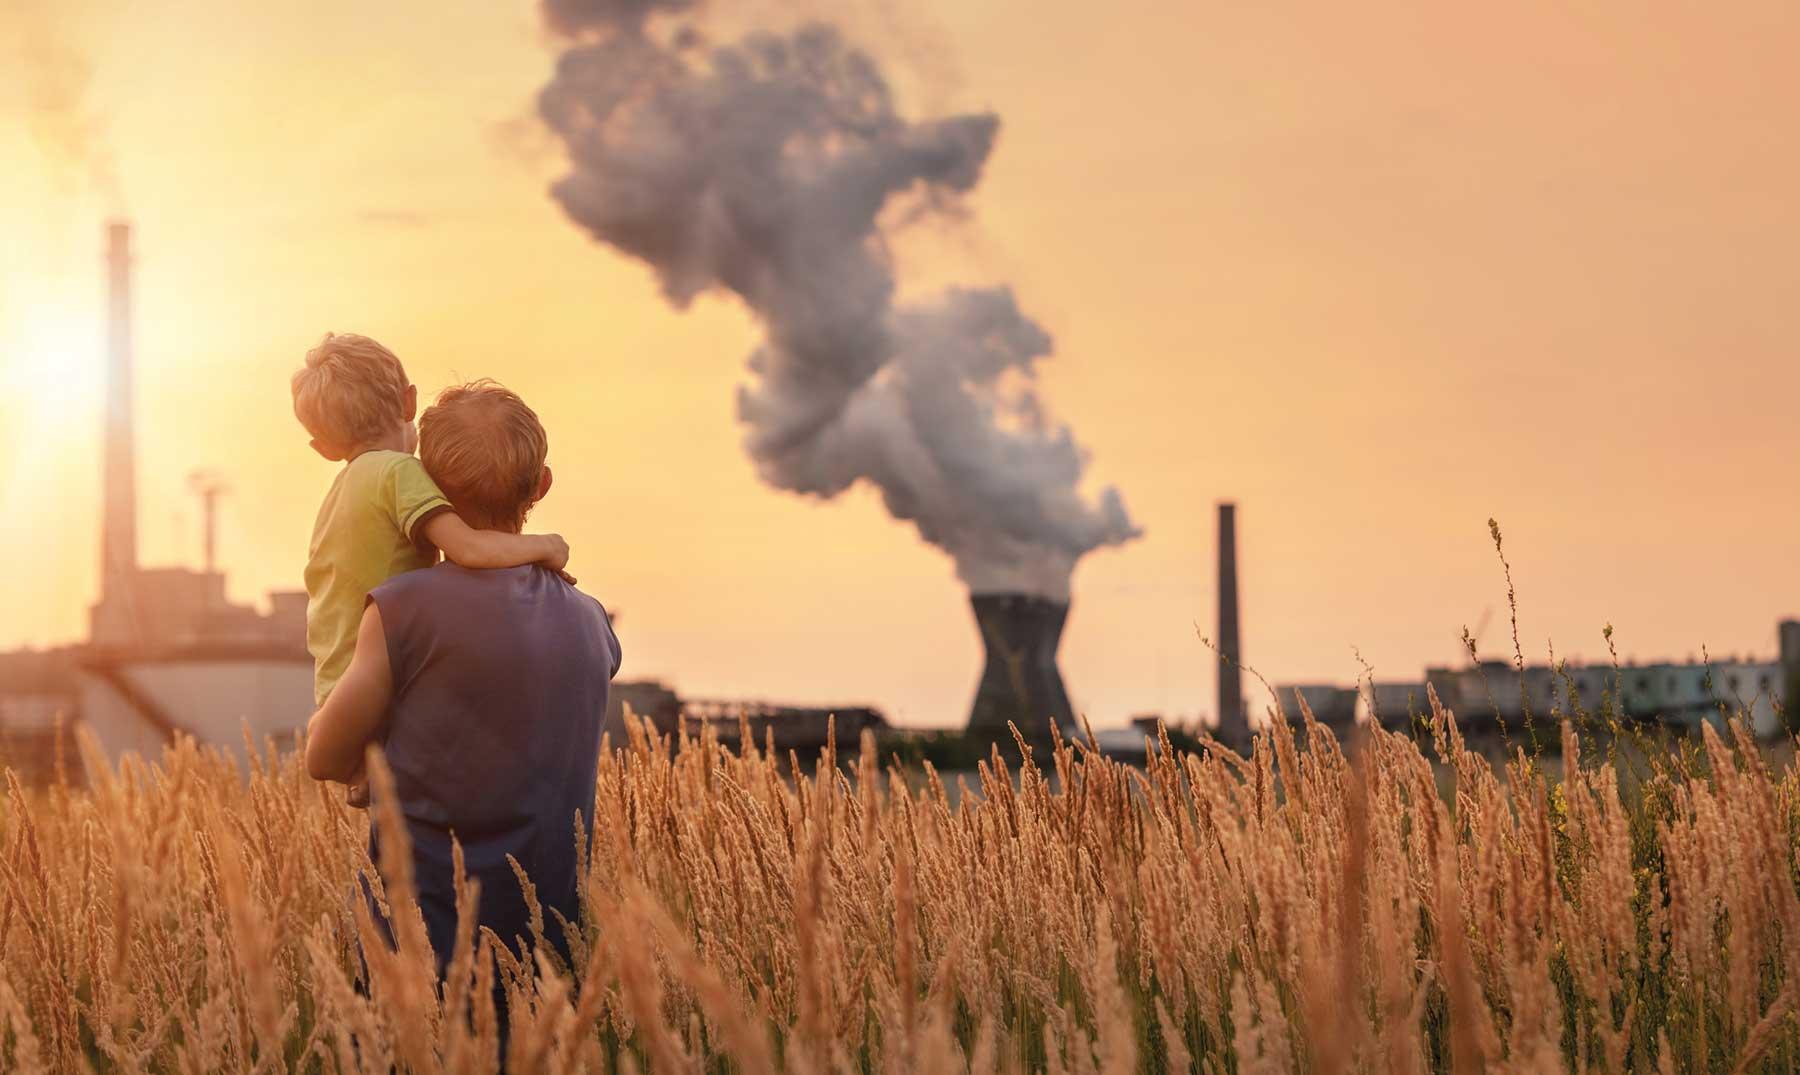 ¿Cómo reducir la contaminación ambiental?